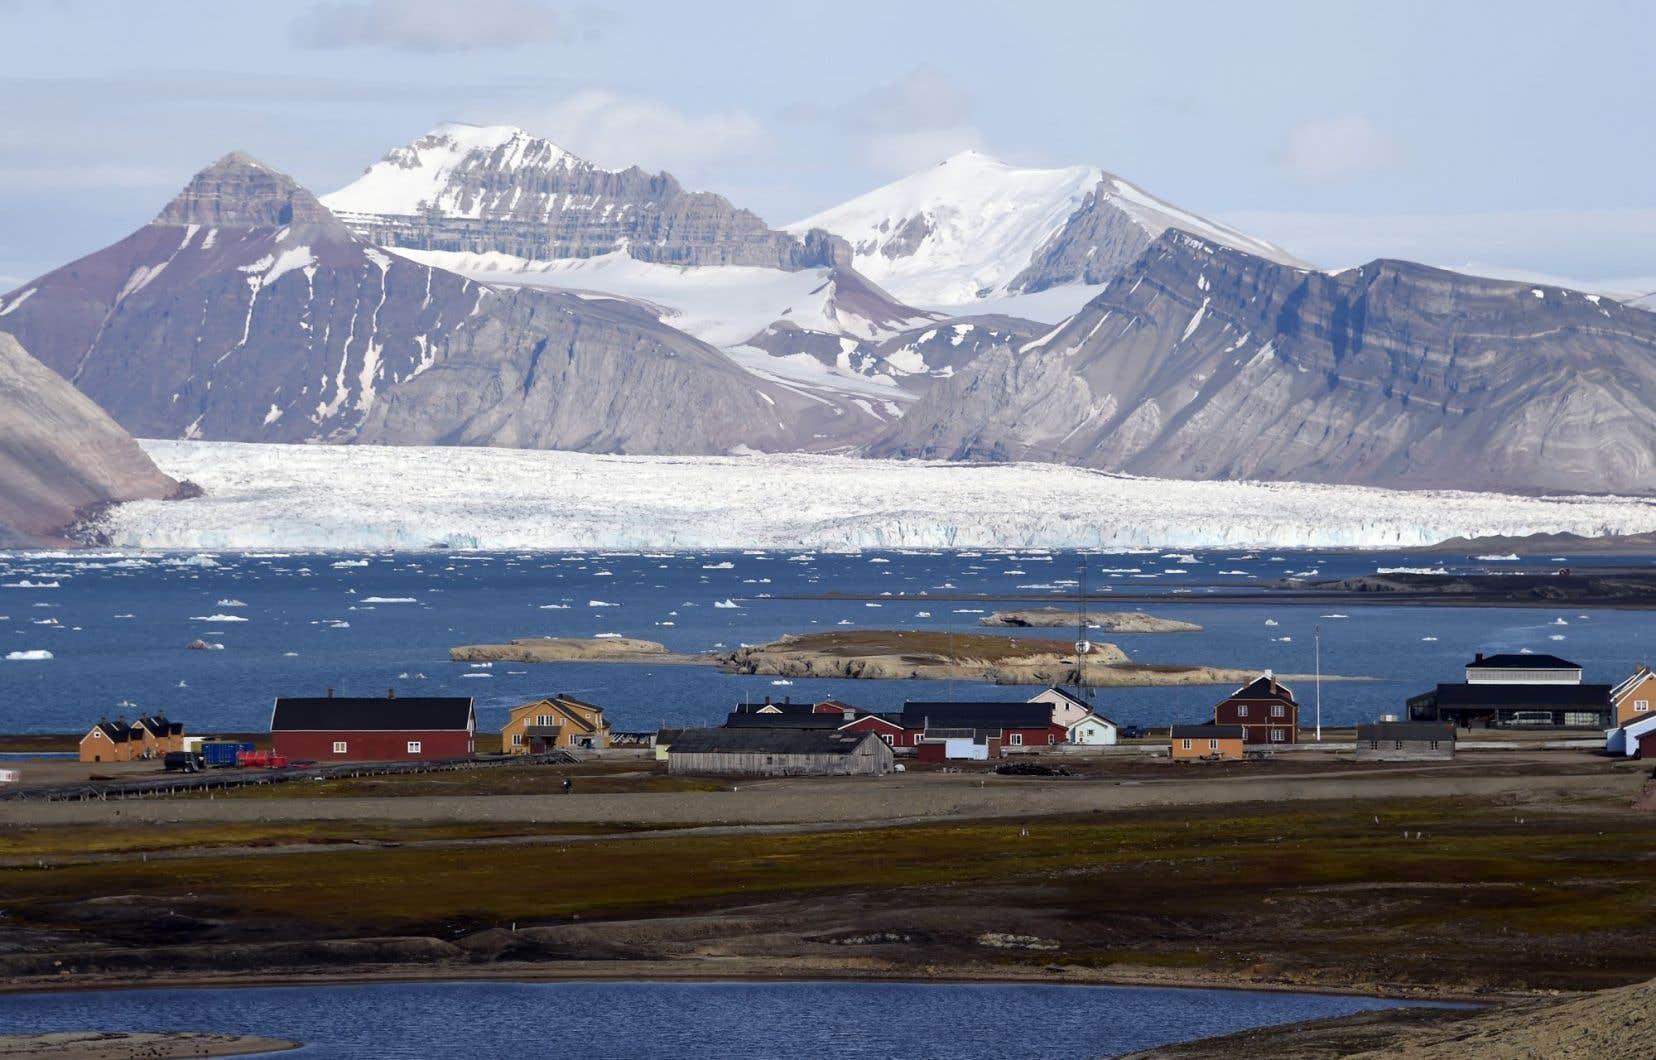 Le Spitzberg, principale île de l'archipel du Svalbard, bénéficie d'un climat relativement clément pour sa latitude, en raison du Gulf Stream, un courant marin chaud qui remonte le long de sa façade ouest.